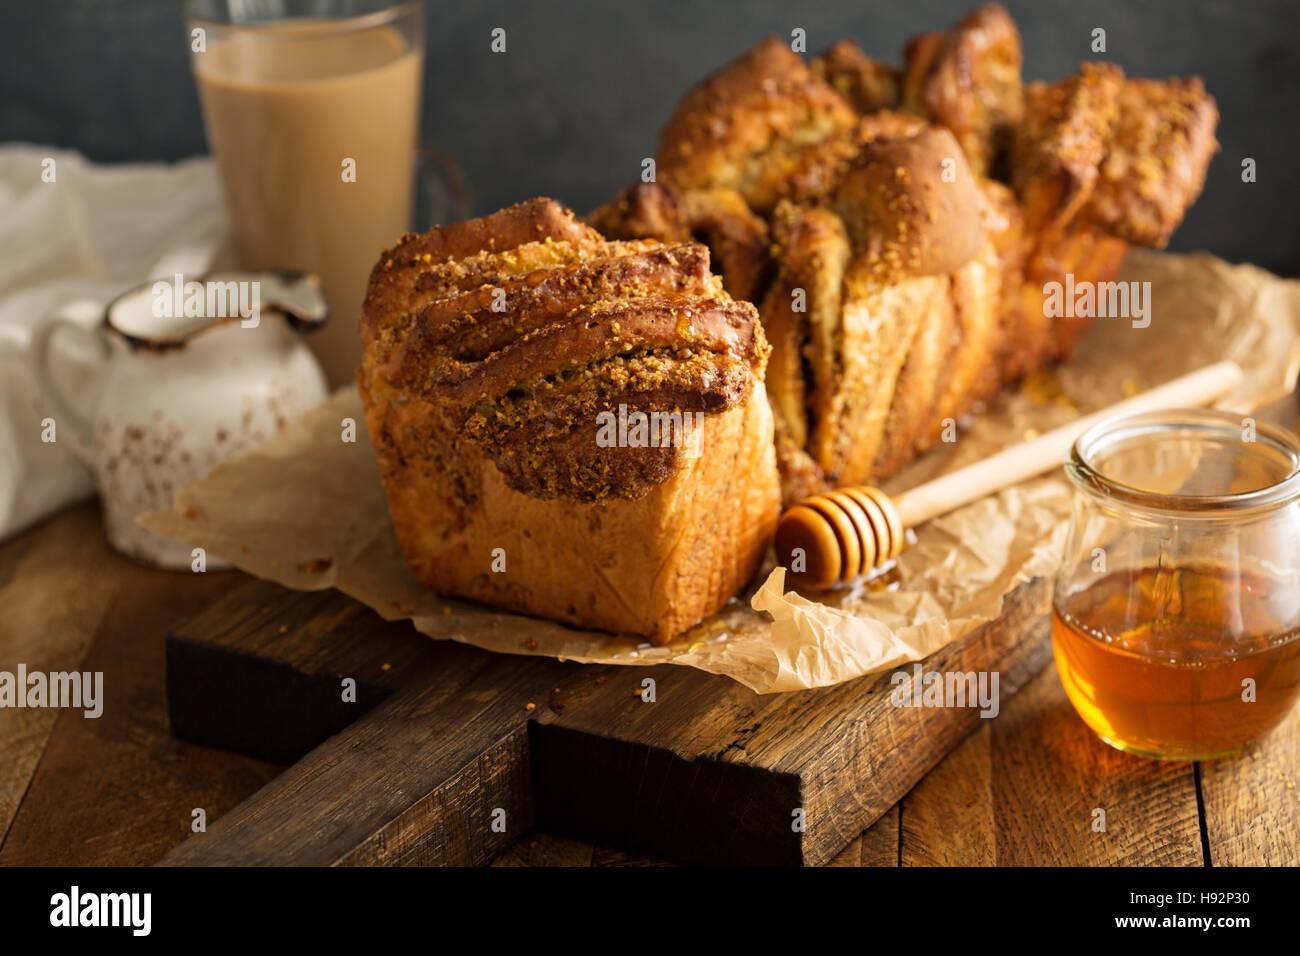 Le miel et noix pain pull-apart Photo Stock